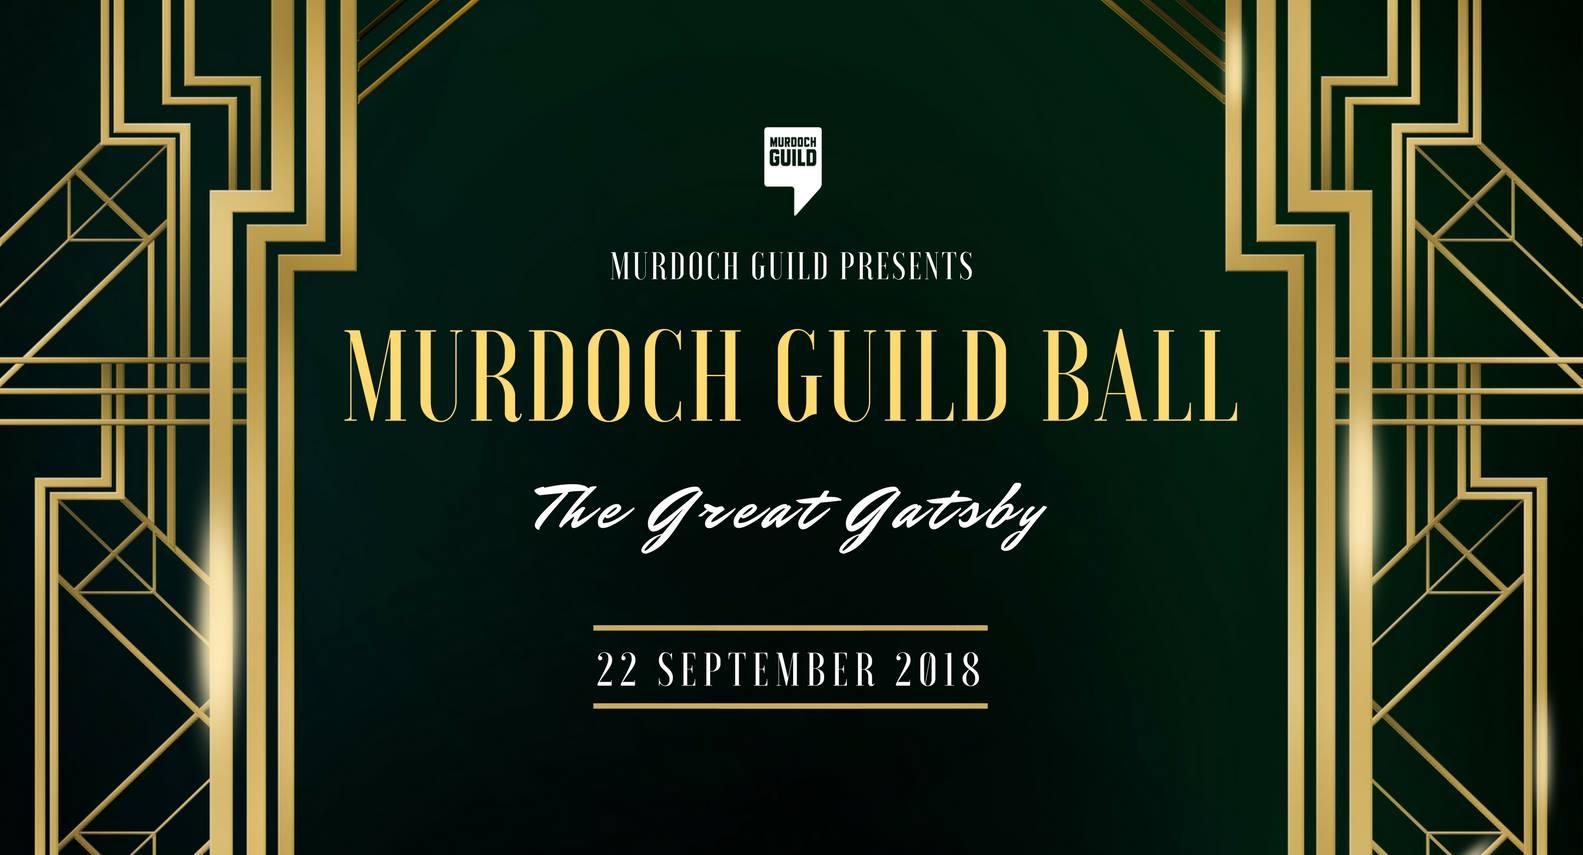 guild ball.jpg